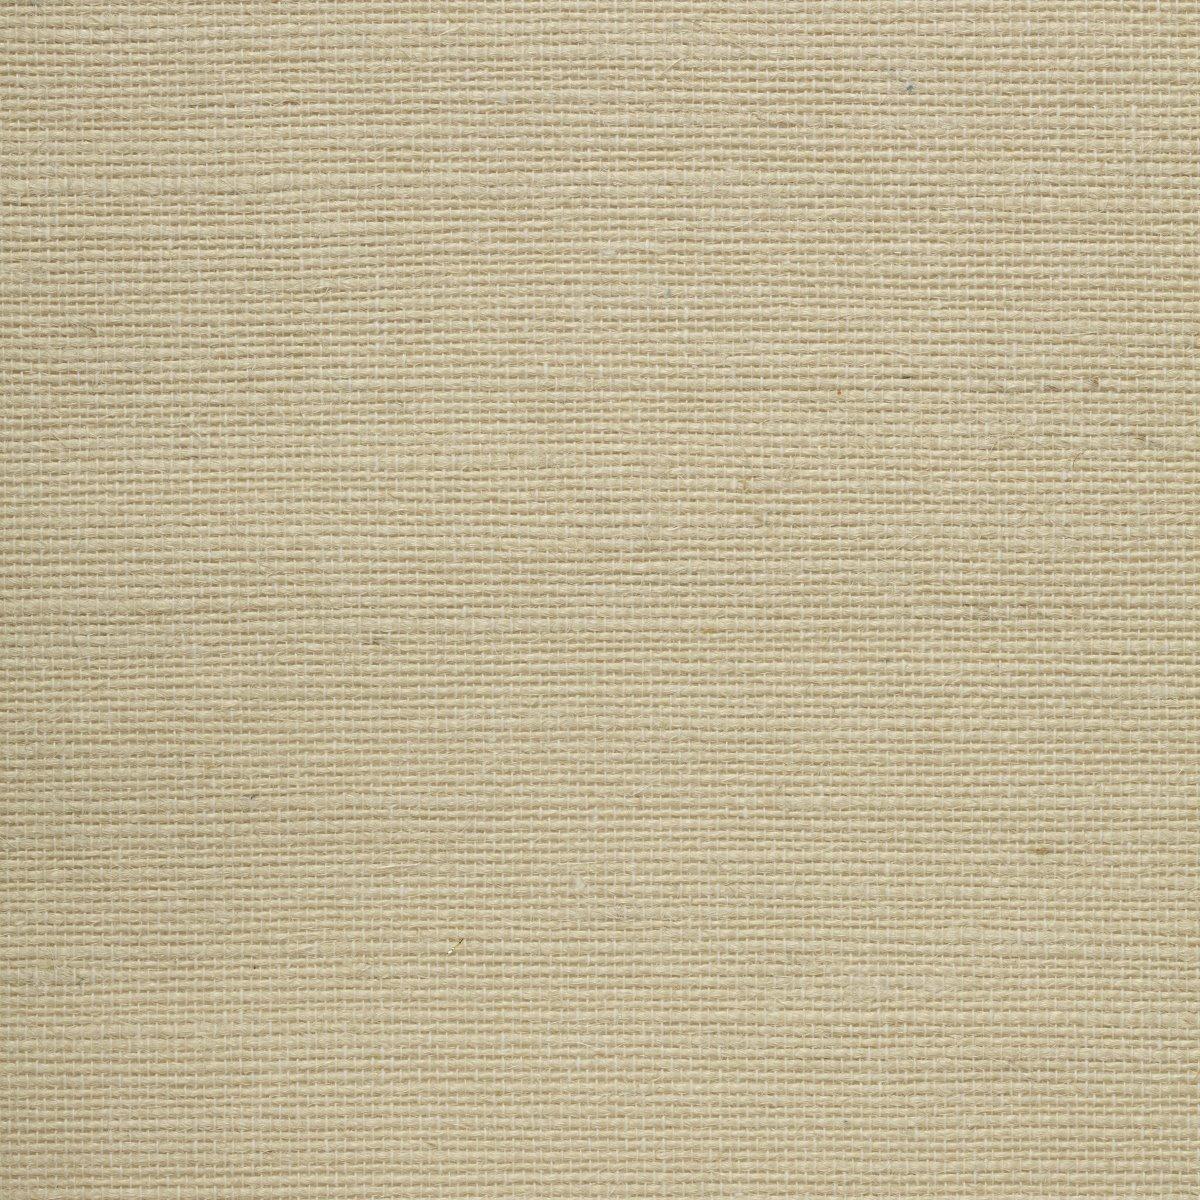 Fabric Wall Paper : Jute wallpaper bt bernard thorp fabric and